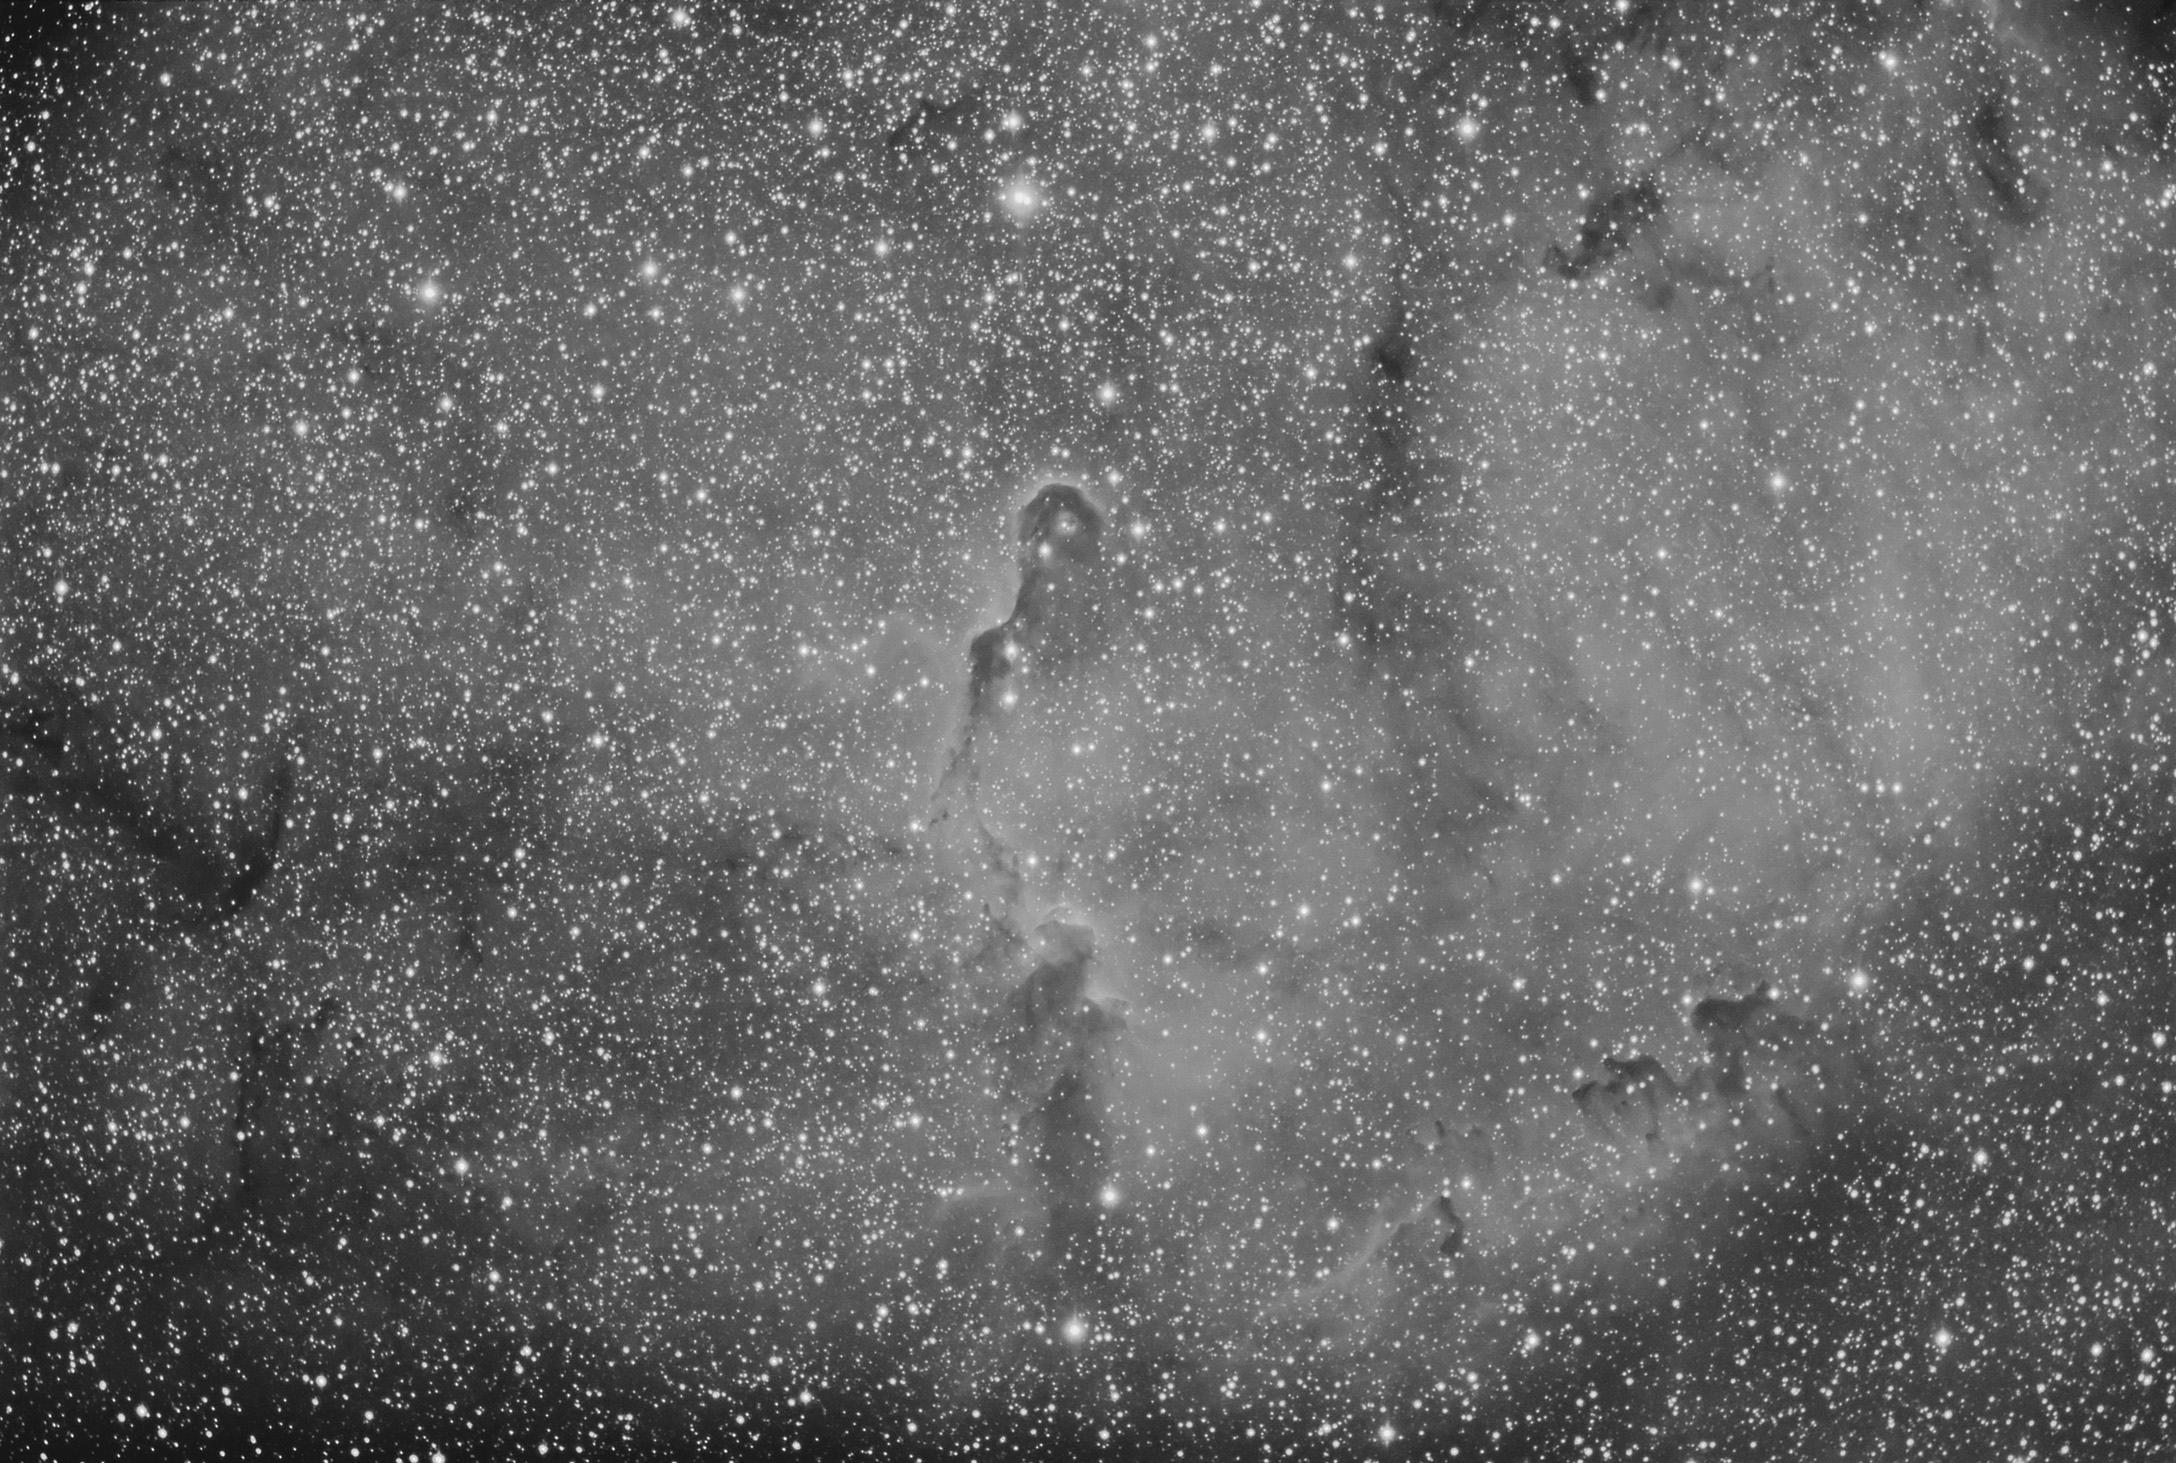 Ciel profond: l'été s'achève M57, Cocon et trompe  25130-1474827472